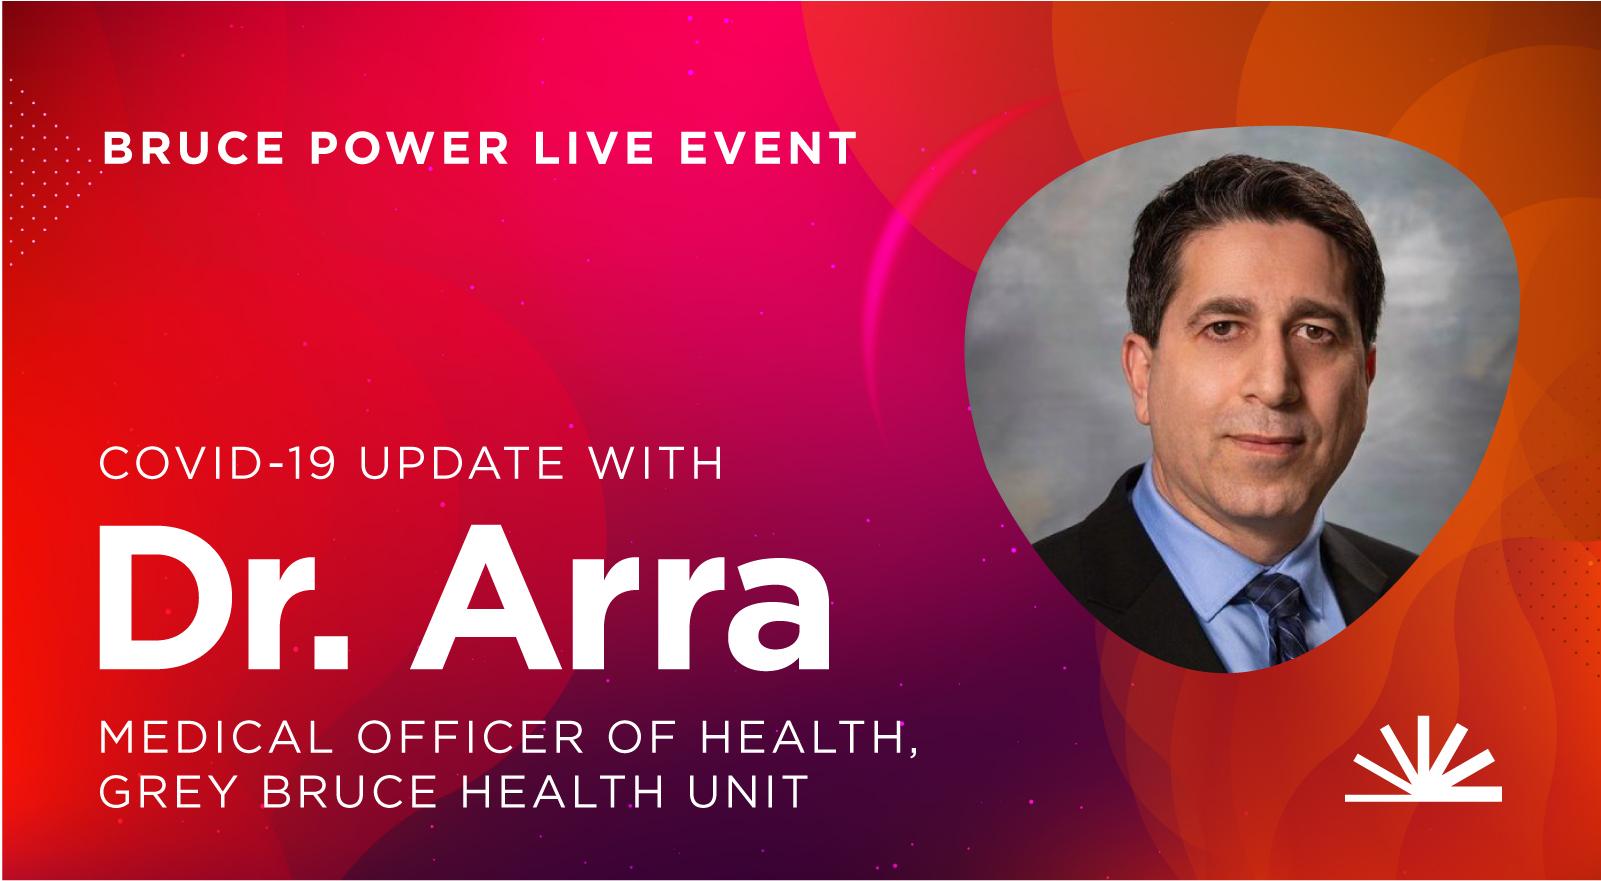 Live event Dr. Arra advertisement